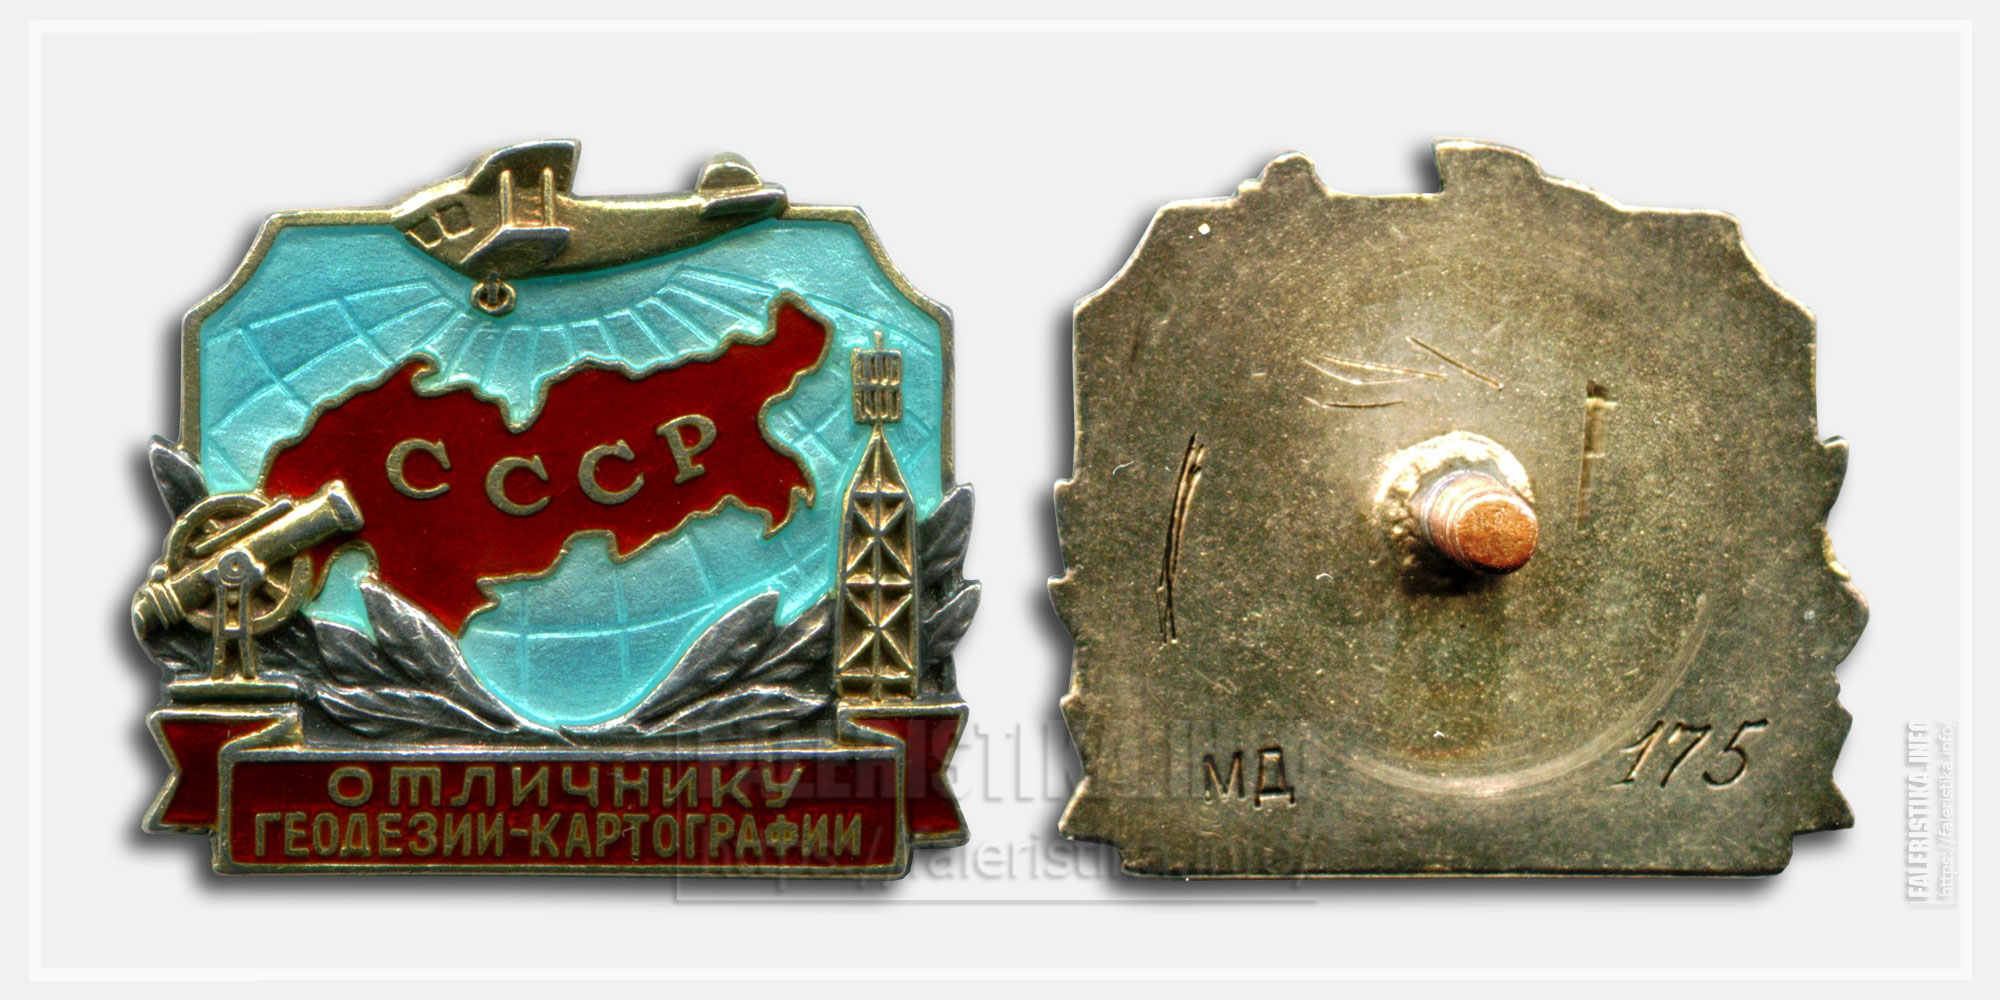 Отличнику геодезии и картографии СССР